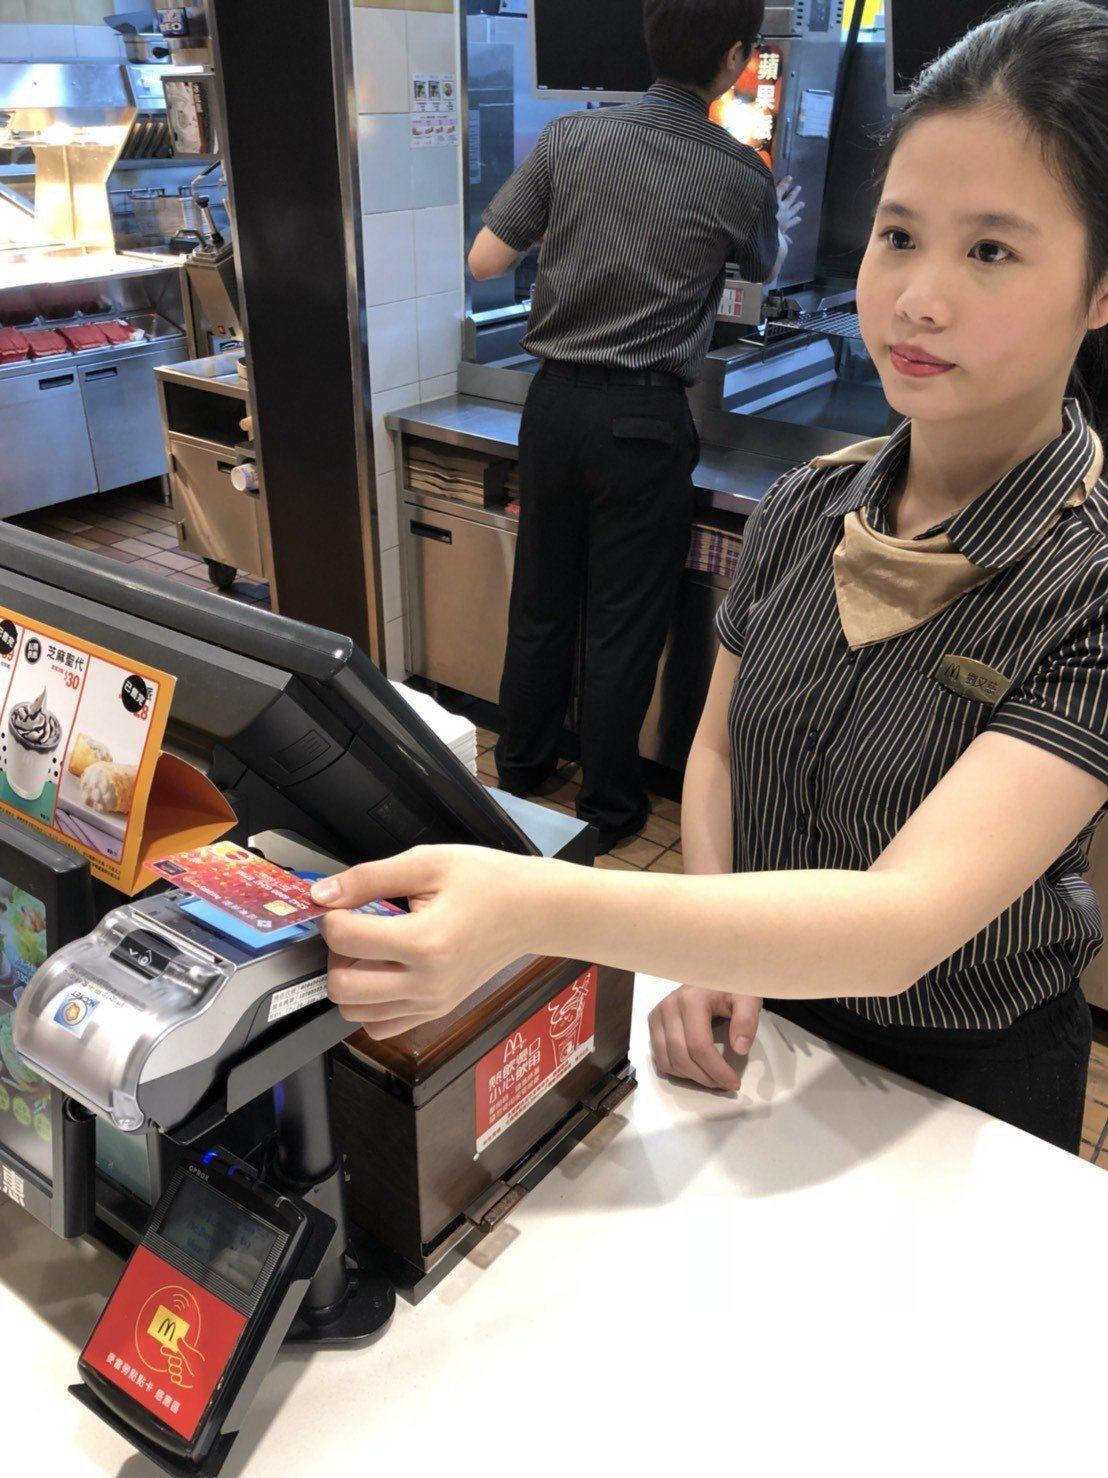 麥當勞明年第一季將開放悠遊卡、一卡通、HappyCash及icash四大電子票證...